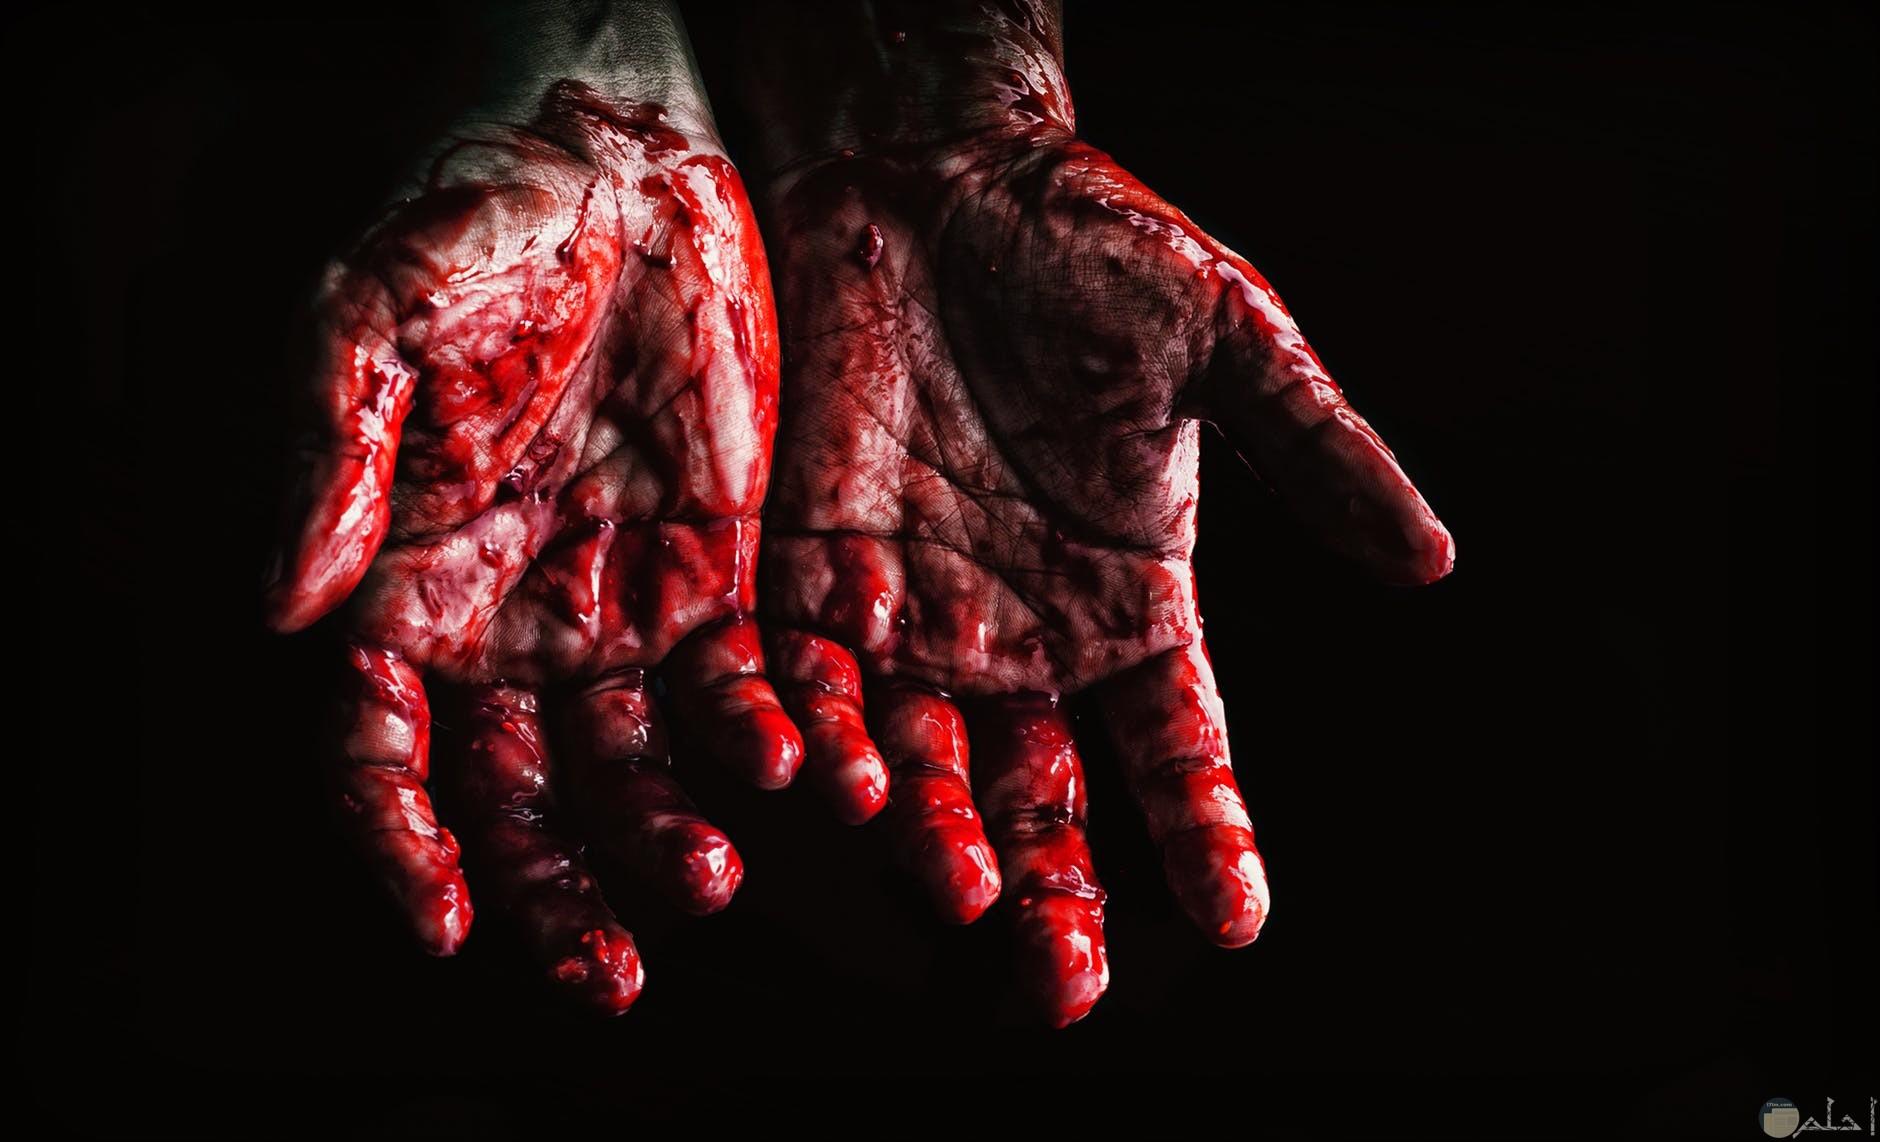 ايدي تنزف دماً